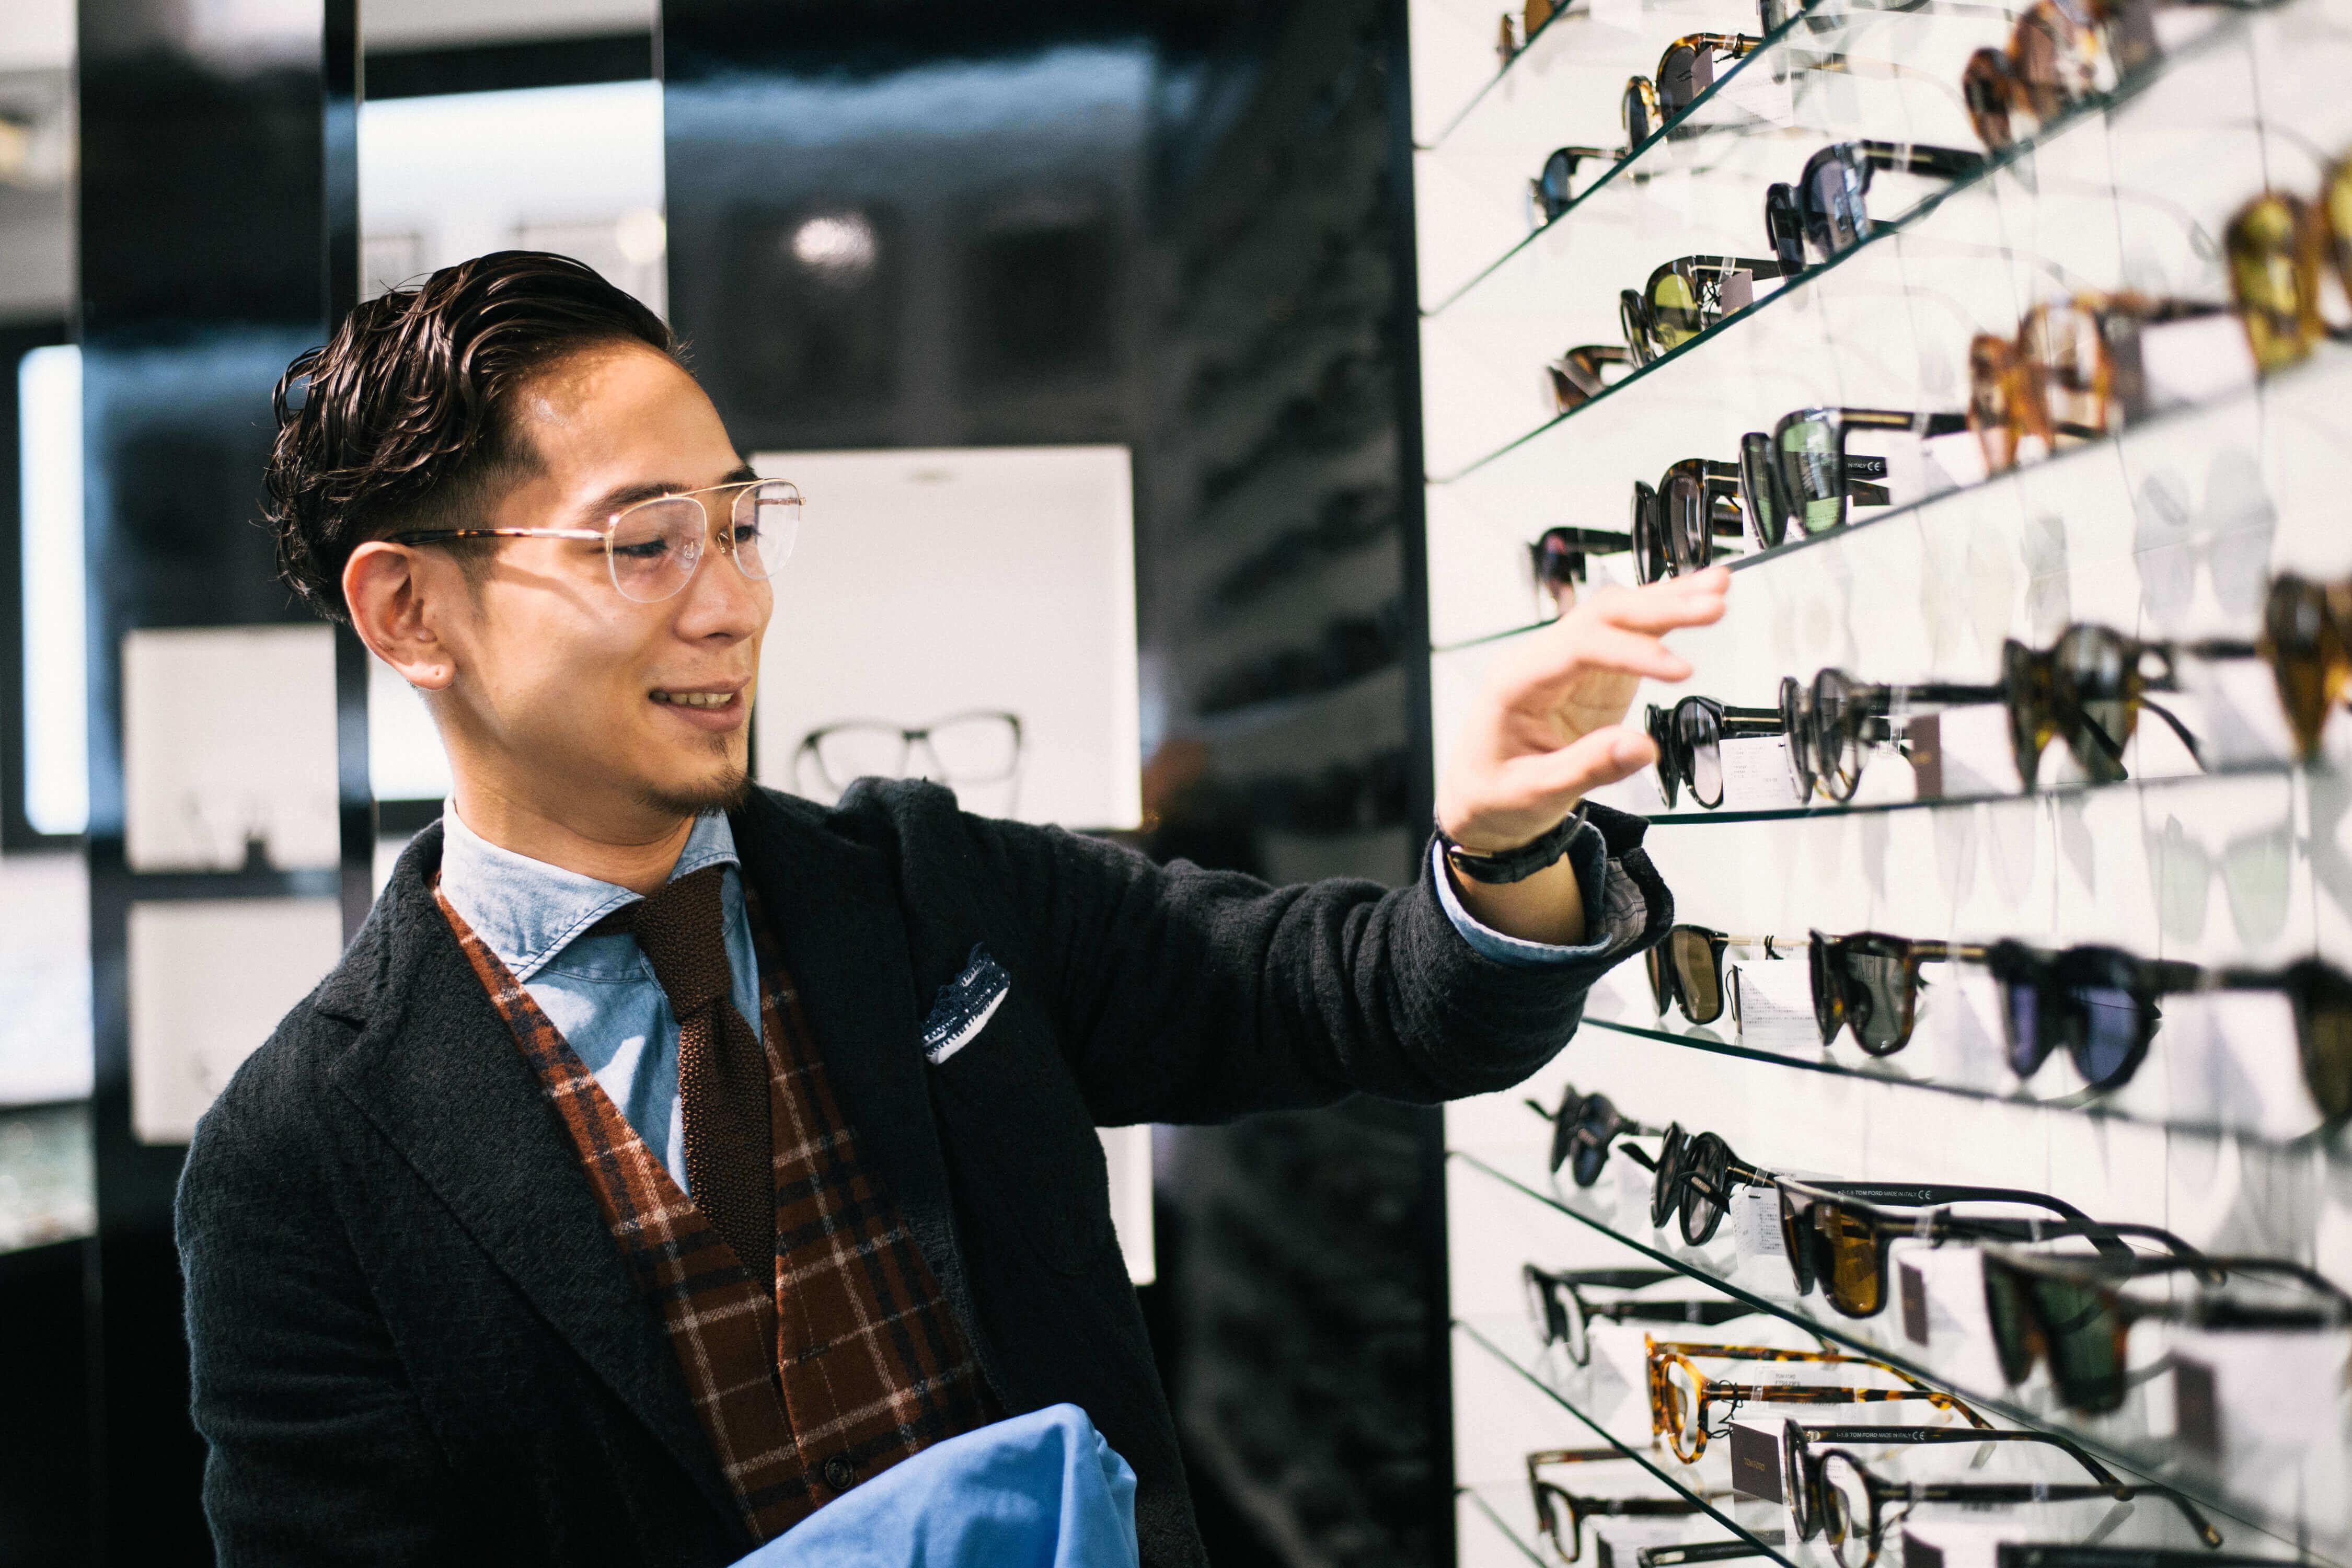 新店OPEN!!オープニングスタッフ募集パートアルバイト‼大阪EYESTYLEのカバー写真